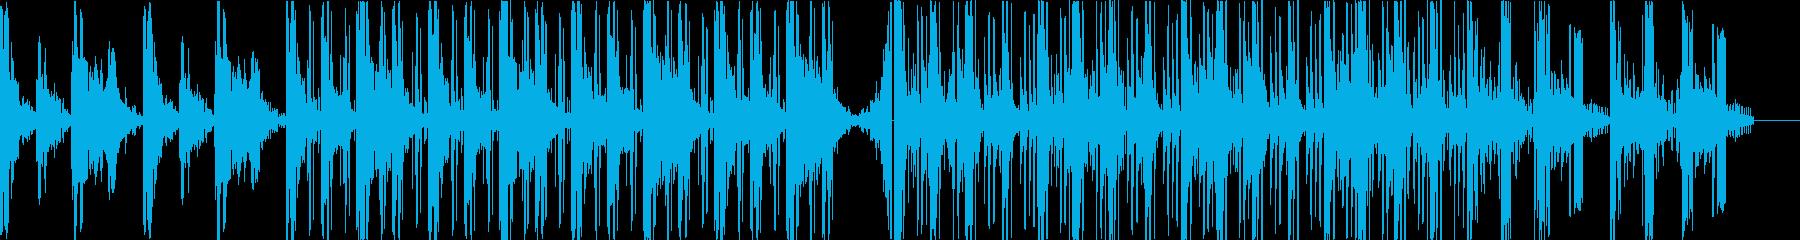 レトロな雰囲気向きLo-fiHipHopの再生済みの波形